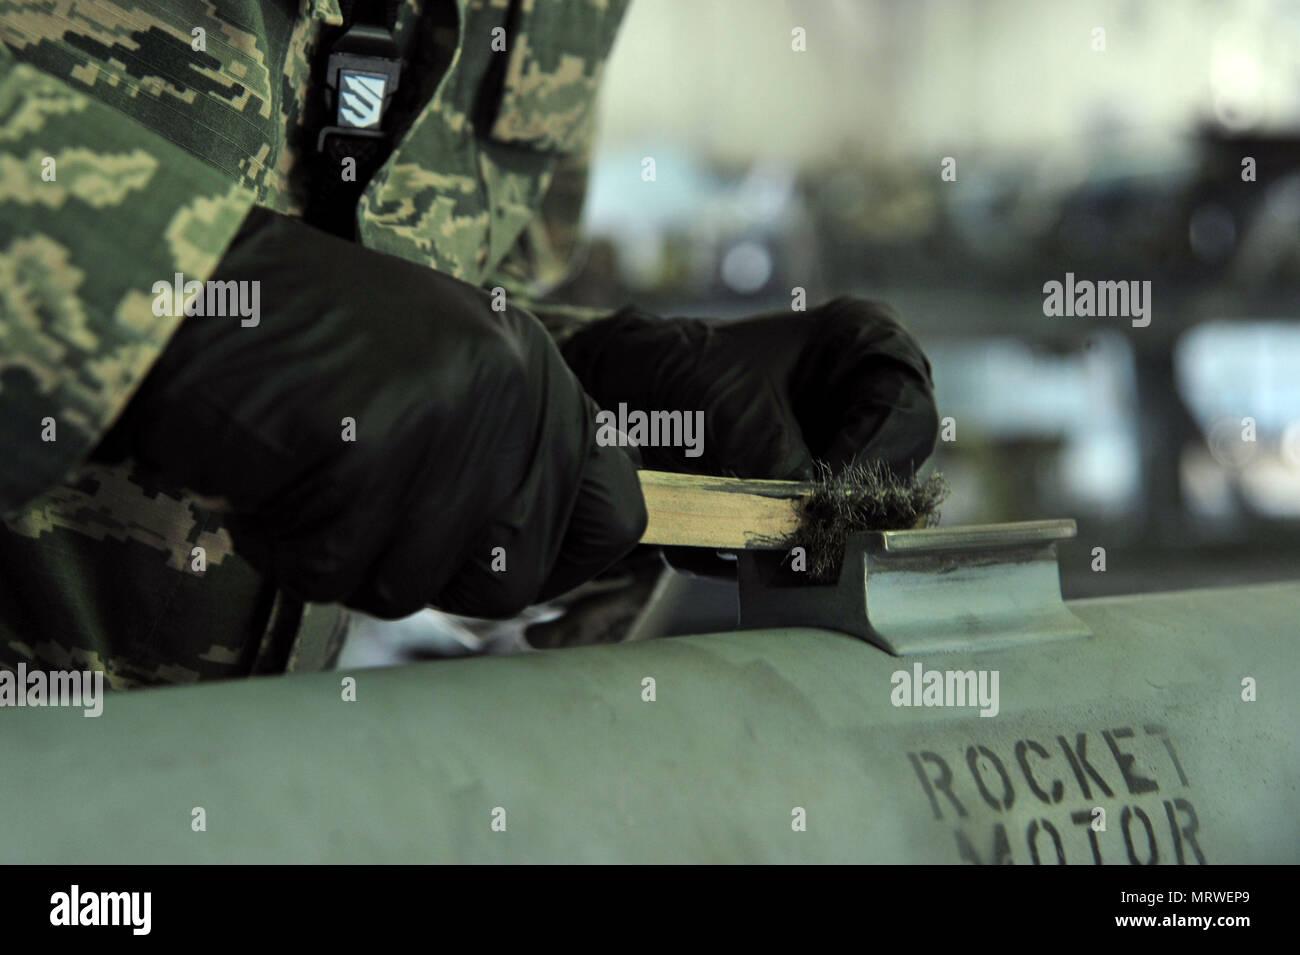 La Fuerza Aérea de los EE.UU Aerotécnico de Primera Clase, 20 de Lerum Ty Escuadrón de Mantenimiento de equipo técnico de municiones guiadas de precisión, utiliza un cepillo de alambre para quitar sólida película sobre un colgador de misiles AIM-9 Sidewinder en la base de la fuerza aérea Shaw, S.C., 27 de junio de 2017. La película de lubricante protege la percha cuando la munición se adjunta a un avión. (Ee.Uu. Foto de la fuerza aérea por Aerotécnico de Primera Clase Kathryn R.C. Reaves) Foto de stock